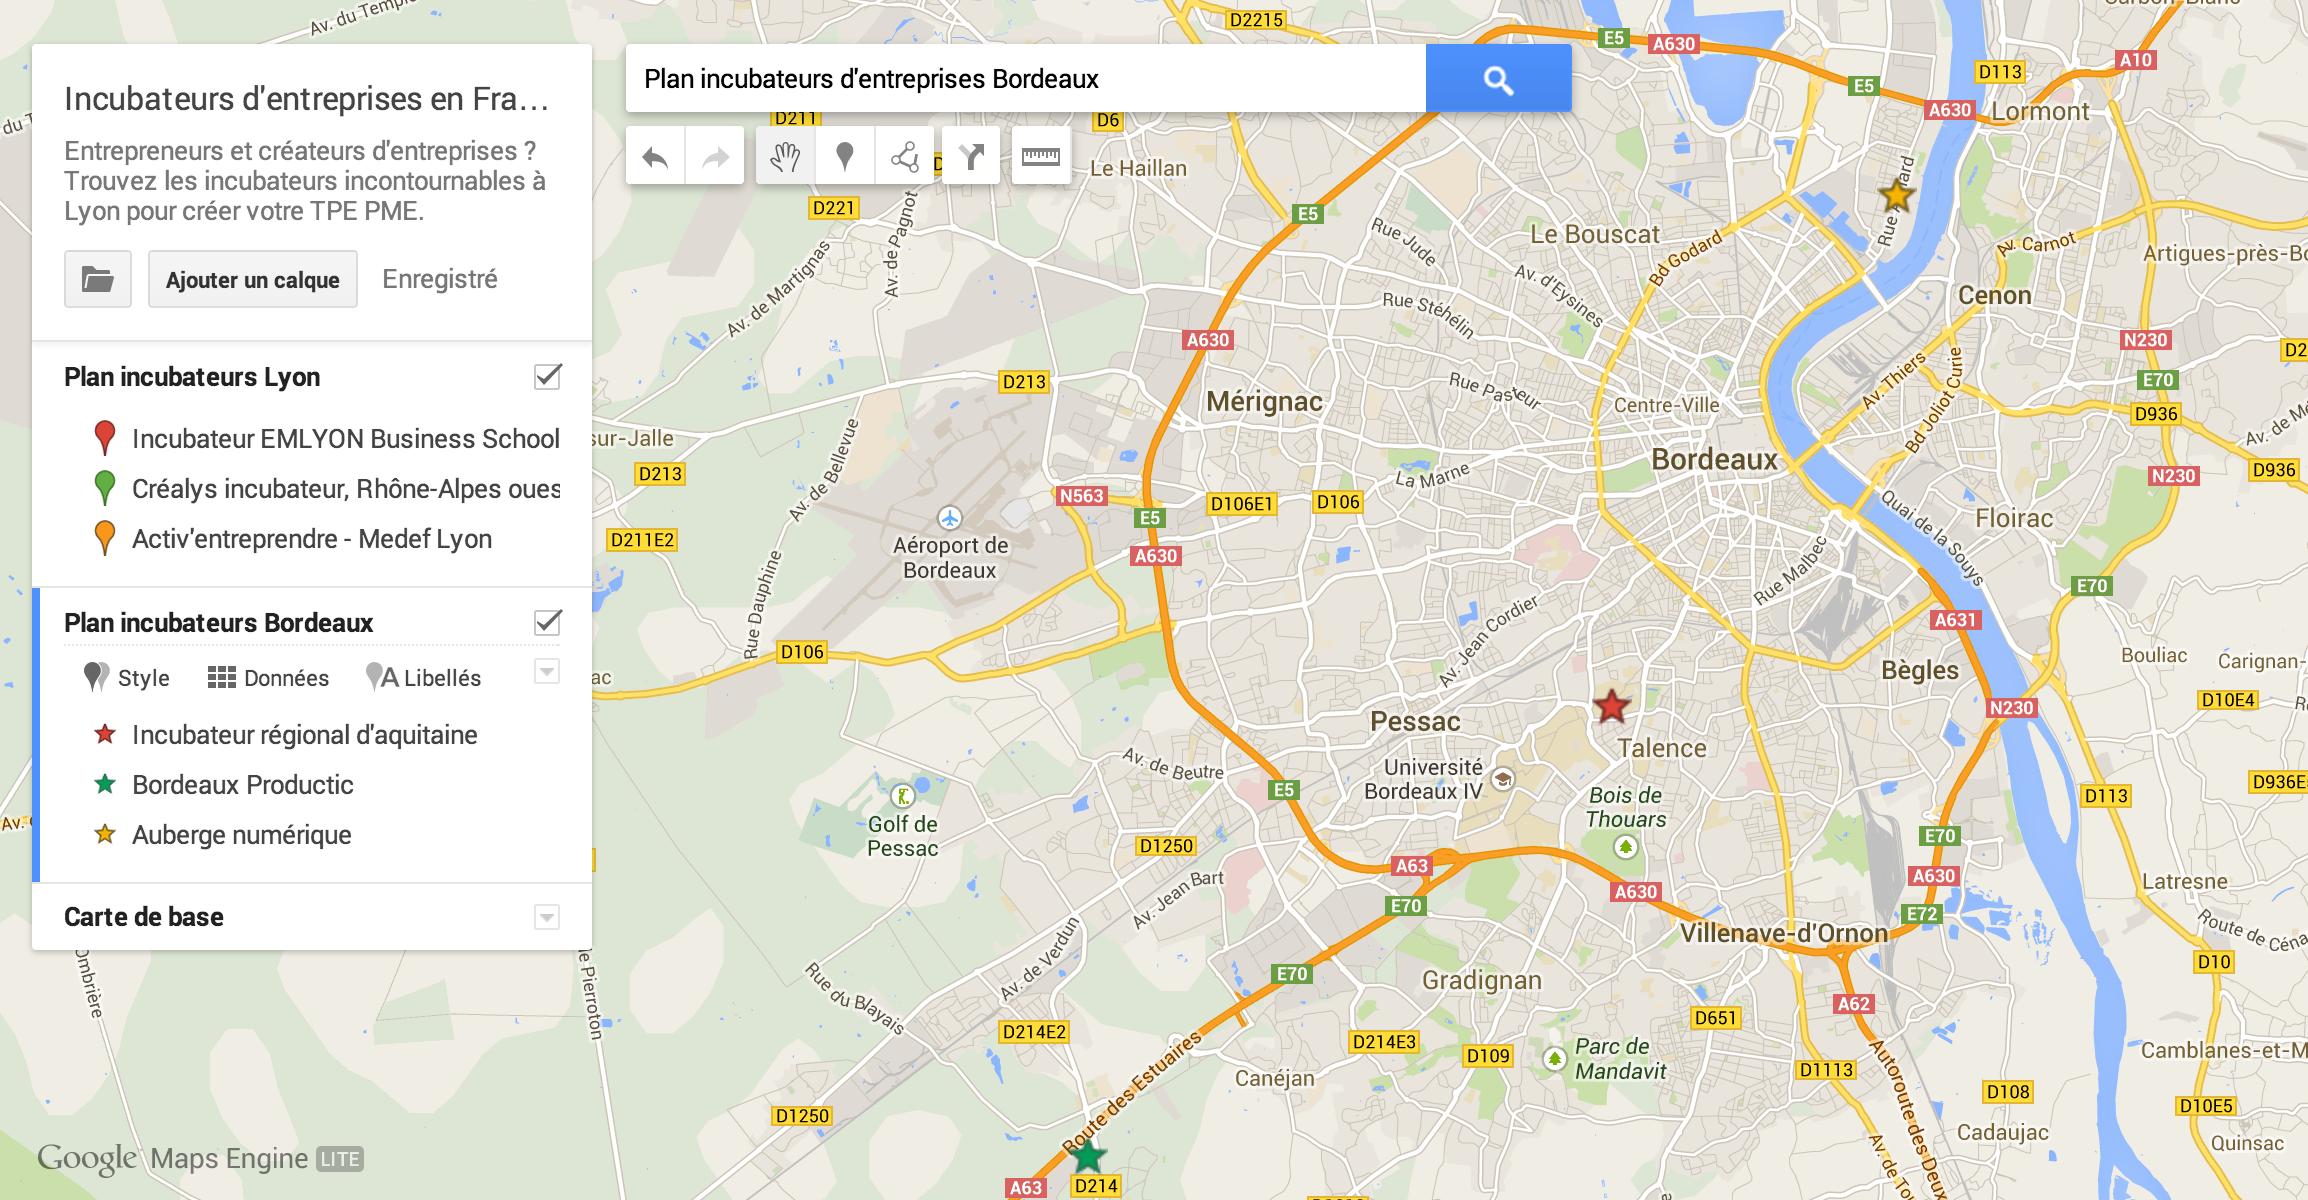 Réussir son entreprise à Bordeaux grâce aux incubateurs Capture d'écran 2014 07 29 à 14.49.001